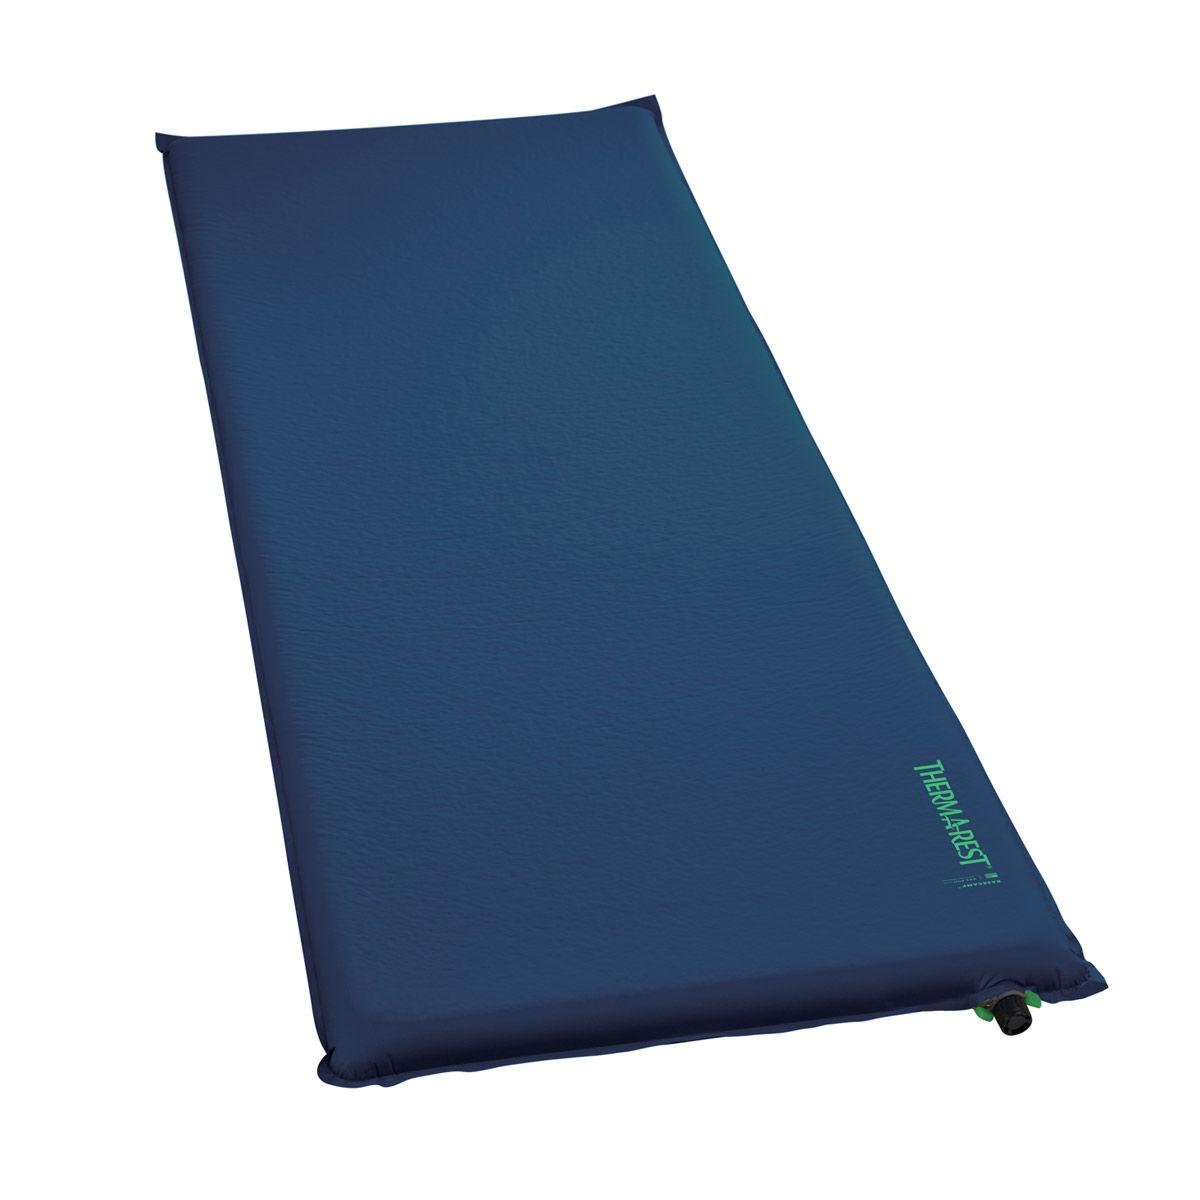 Therm-A-Rest BaseCamp Sleeping Mattress - Regular